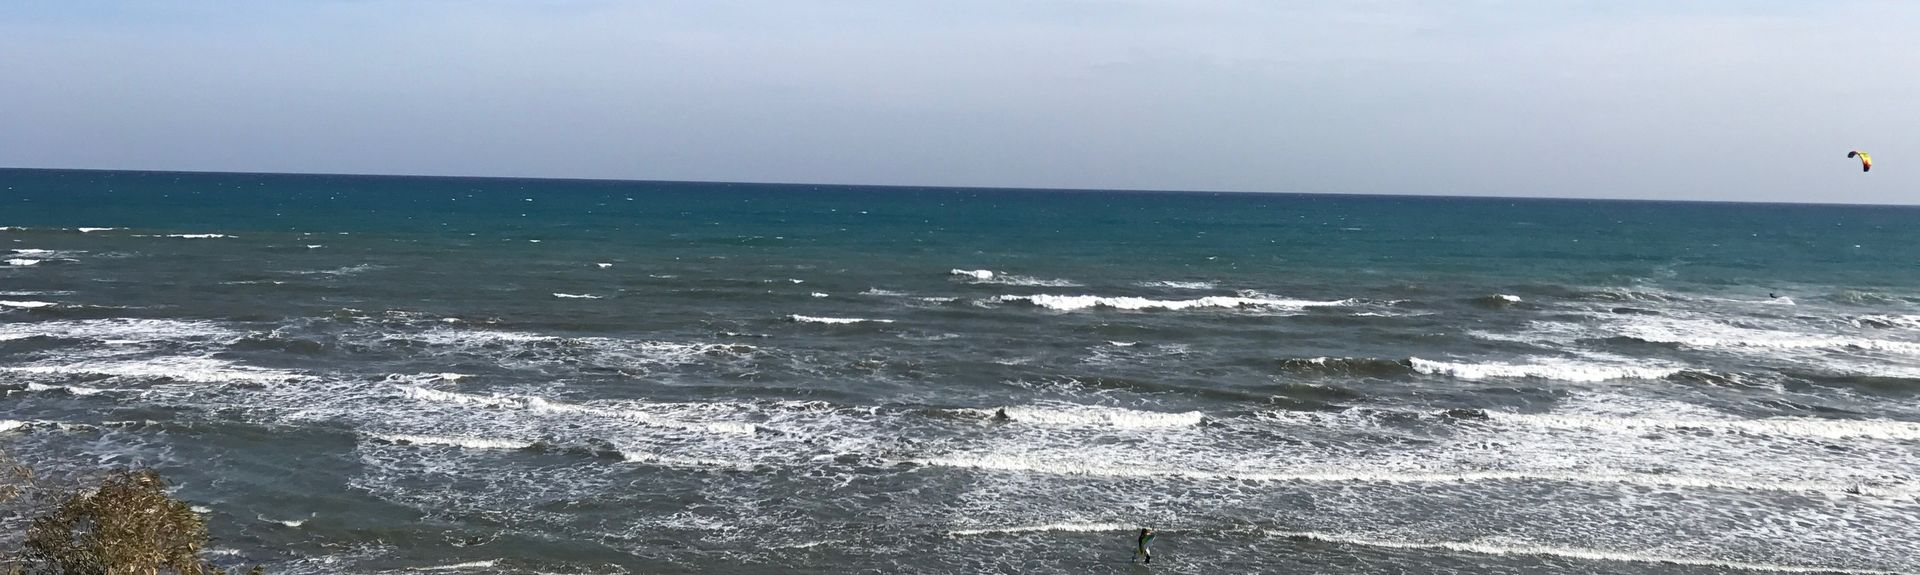 Agios Theodoros, District de Larnaca, Chypre